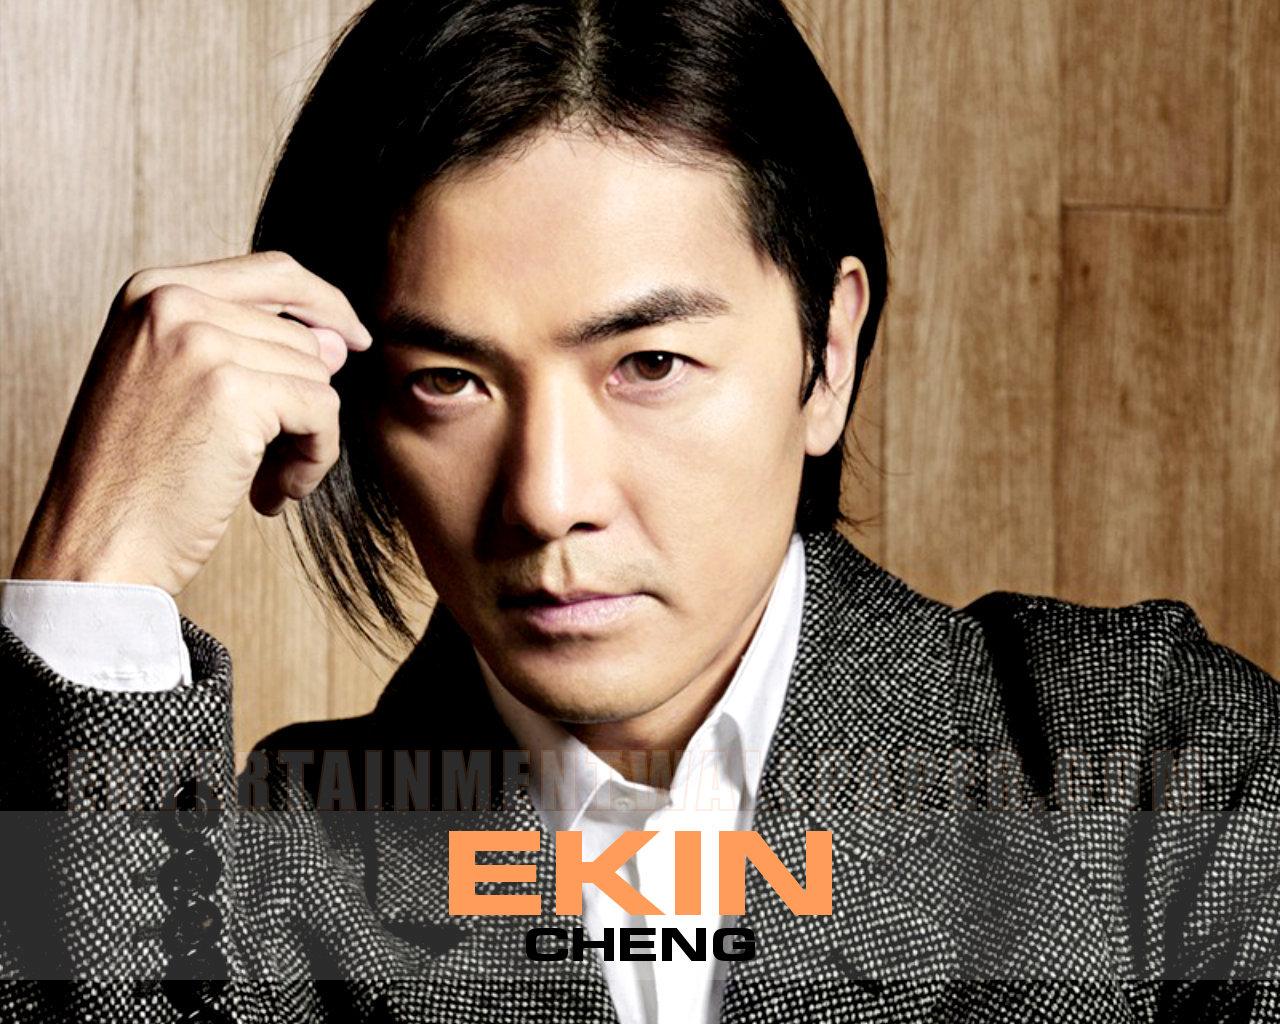 ekin cheng - photo #2